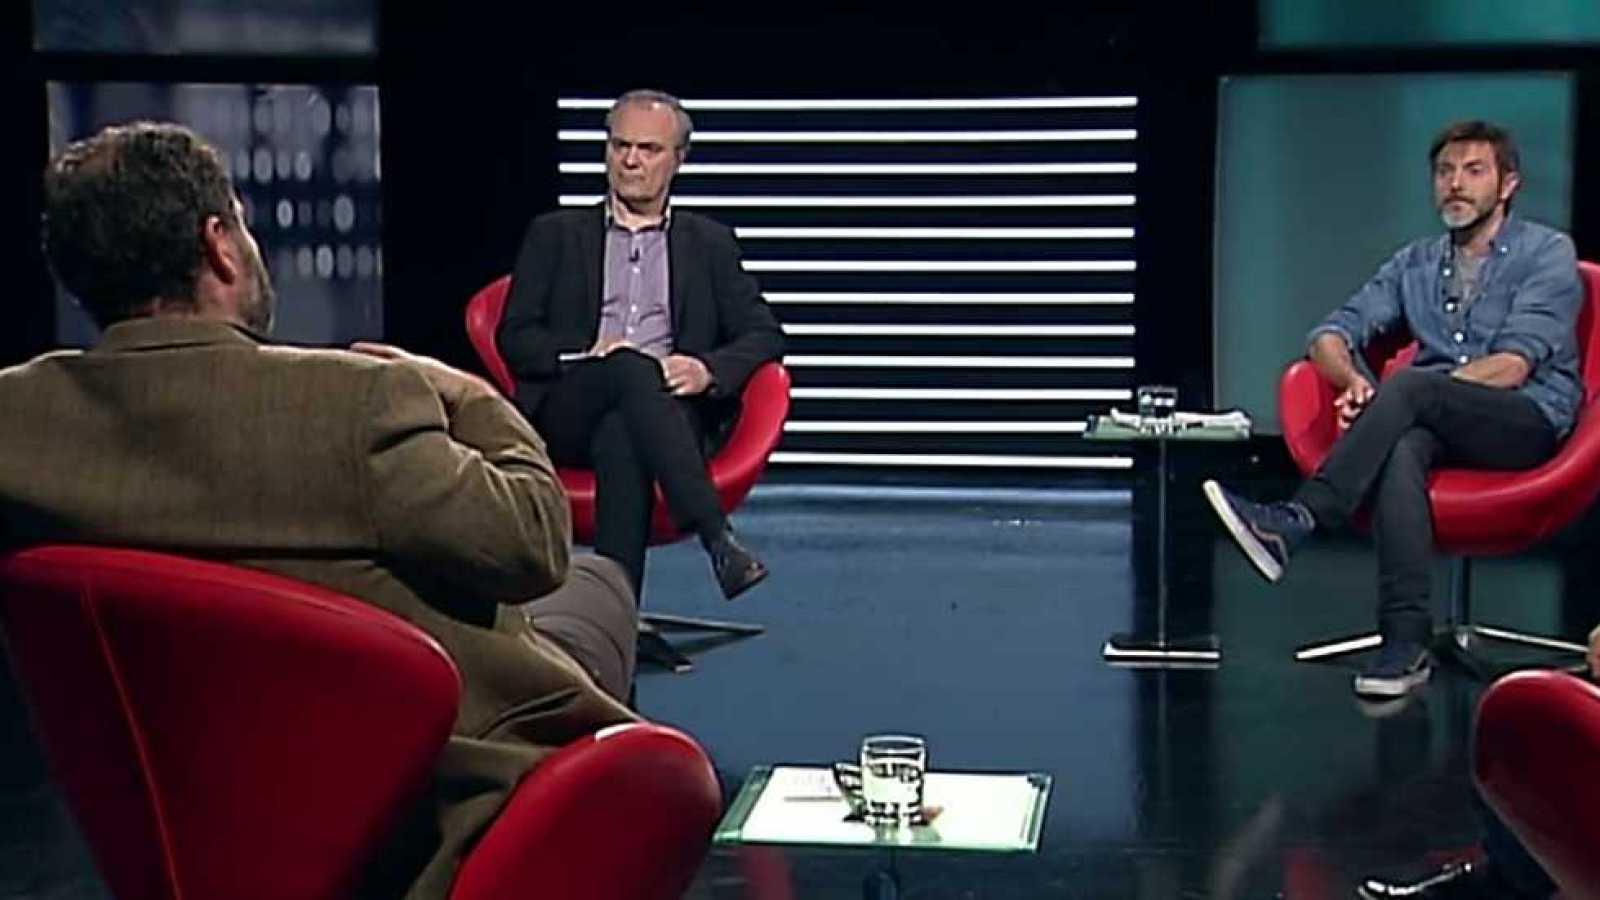 Historia de nuestro cine - Coloquio: Guerra civil - RTVE.es